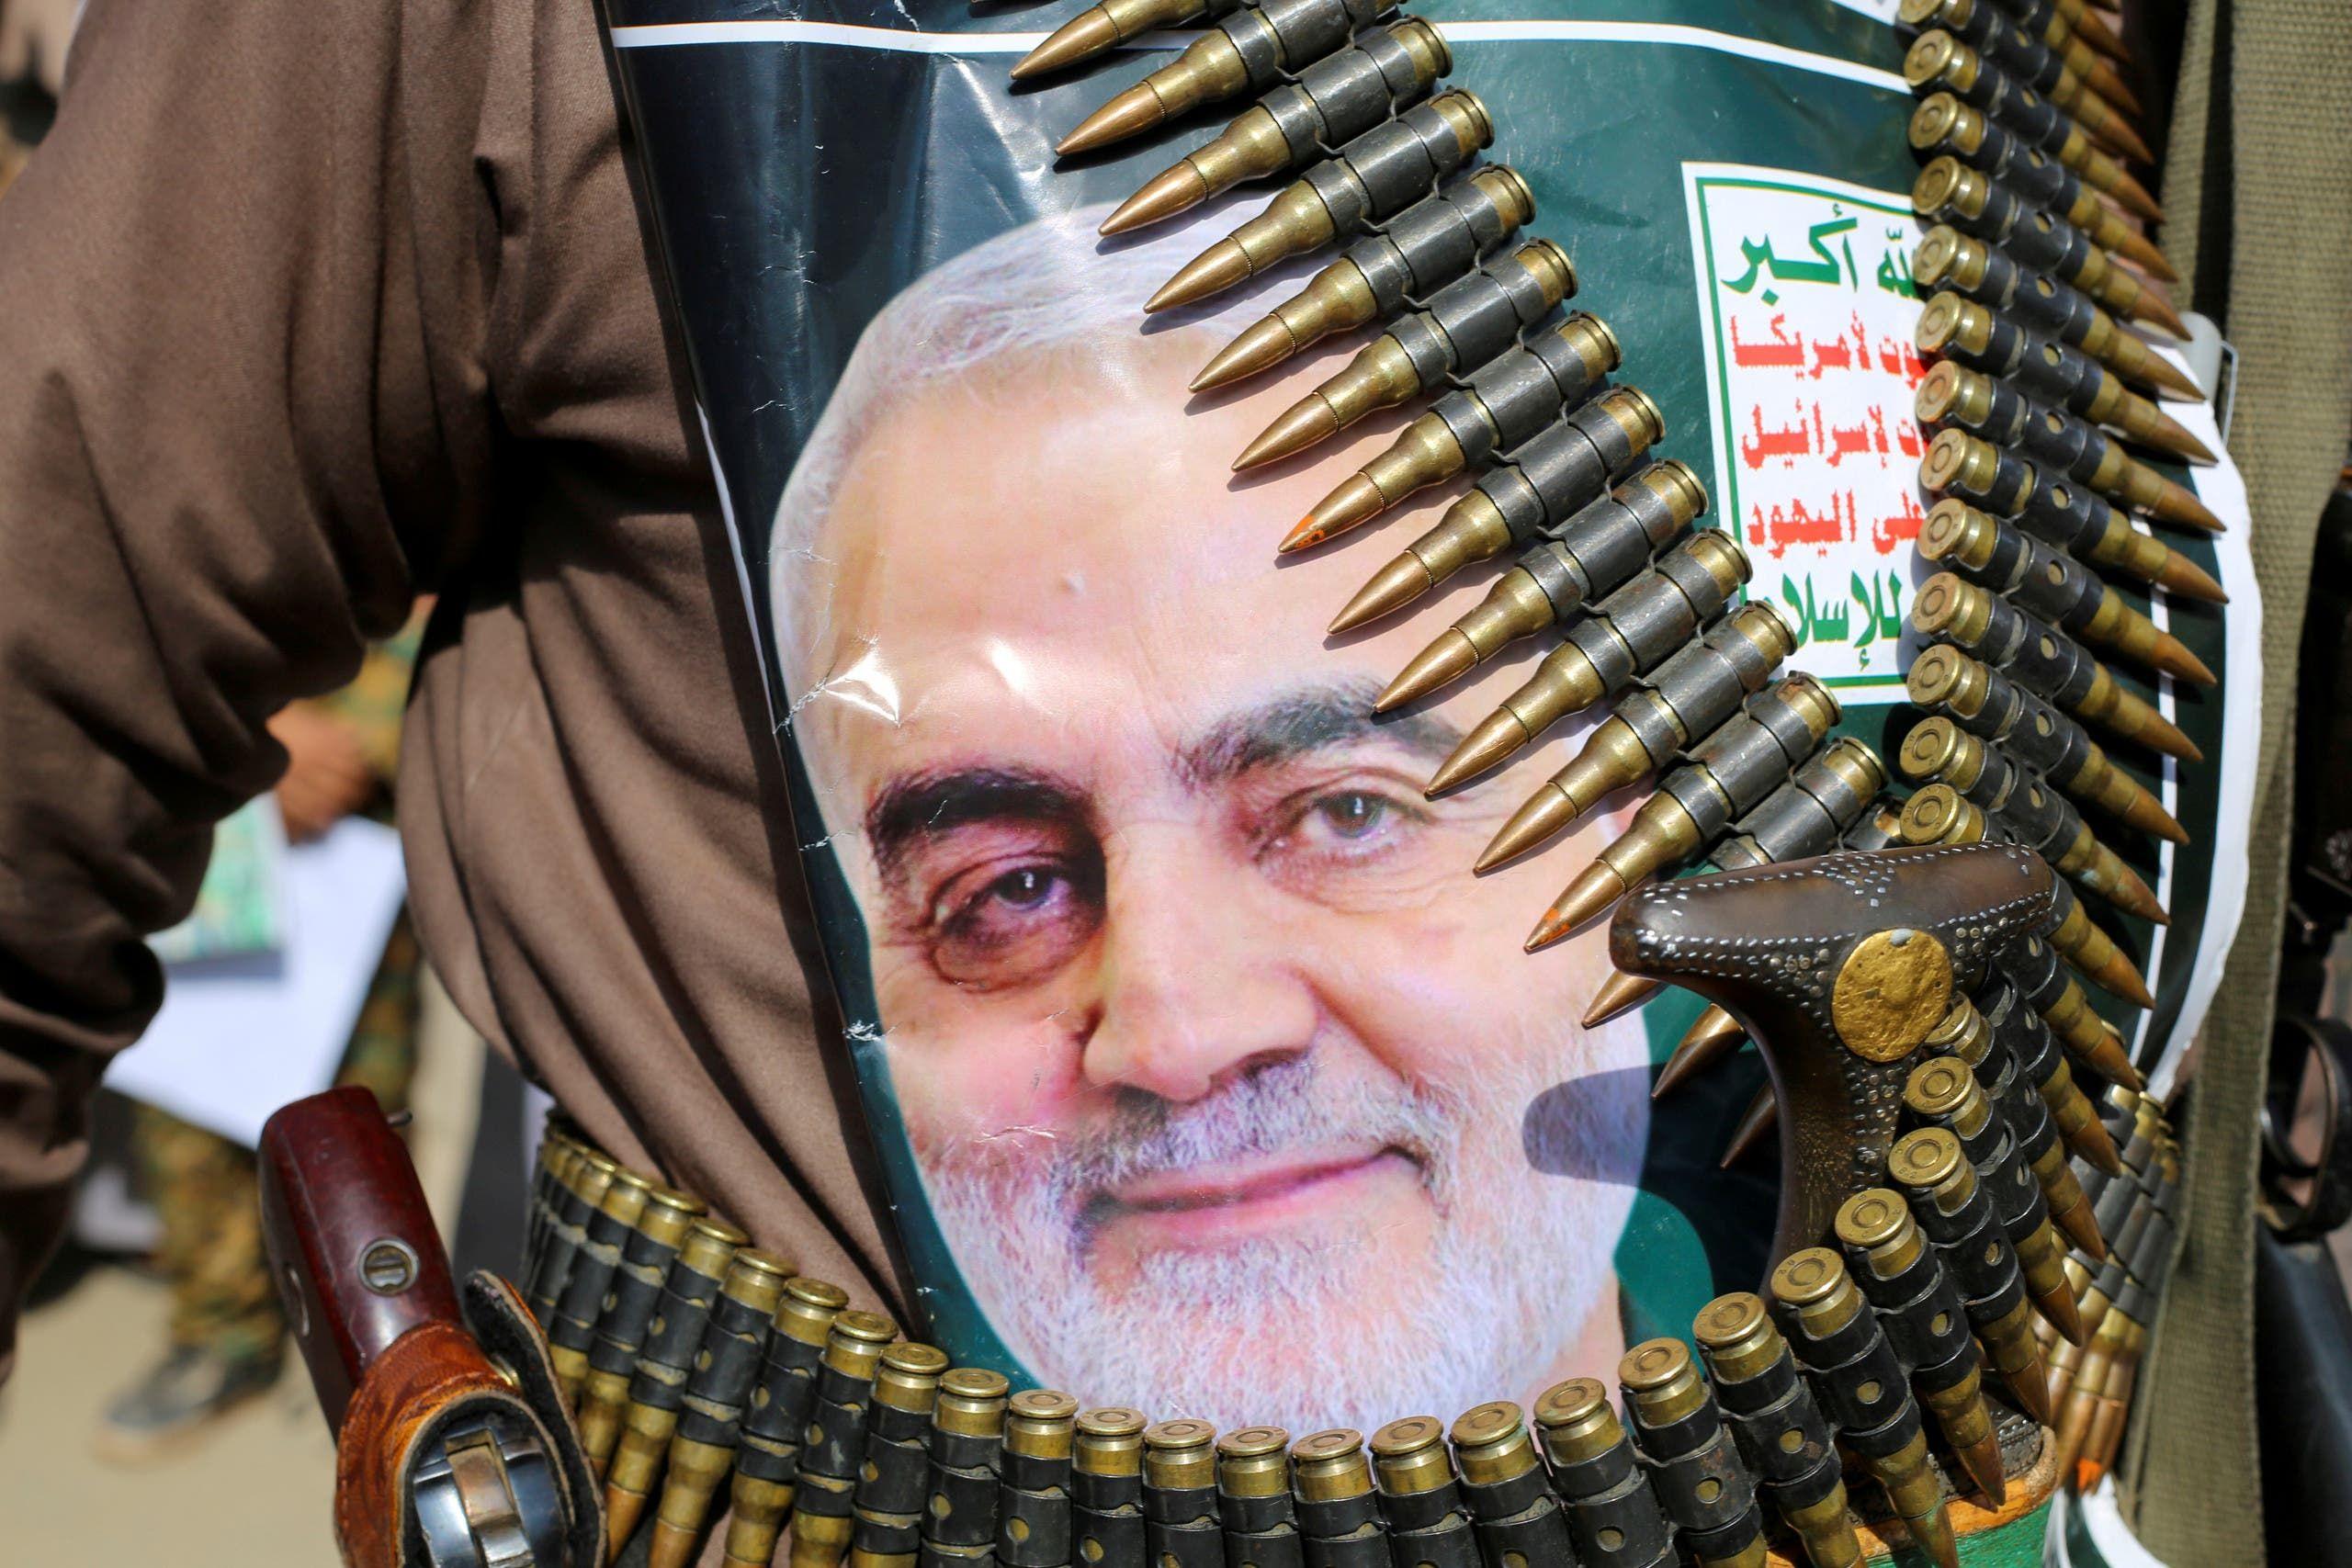 مقاتل حوثي في صنعاء يرفع صورة قائد فيلق القدس الإيراني قاسم سليماني على ظهره إلى جانب الأسلحة